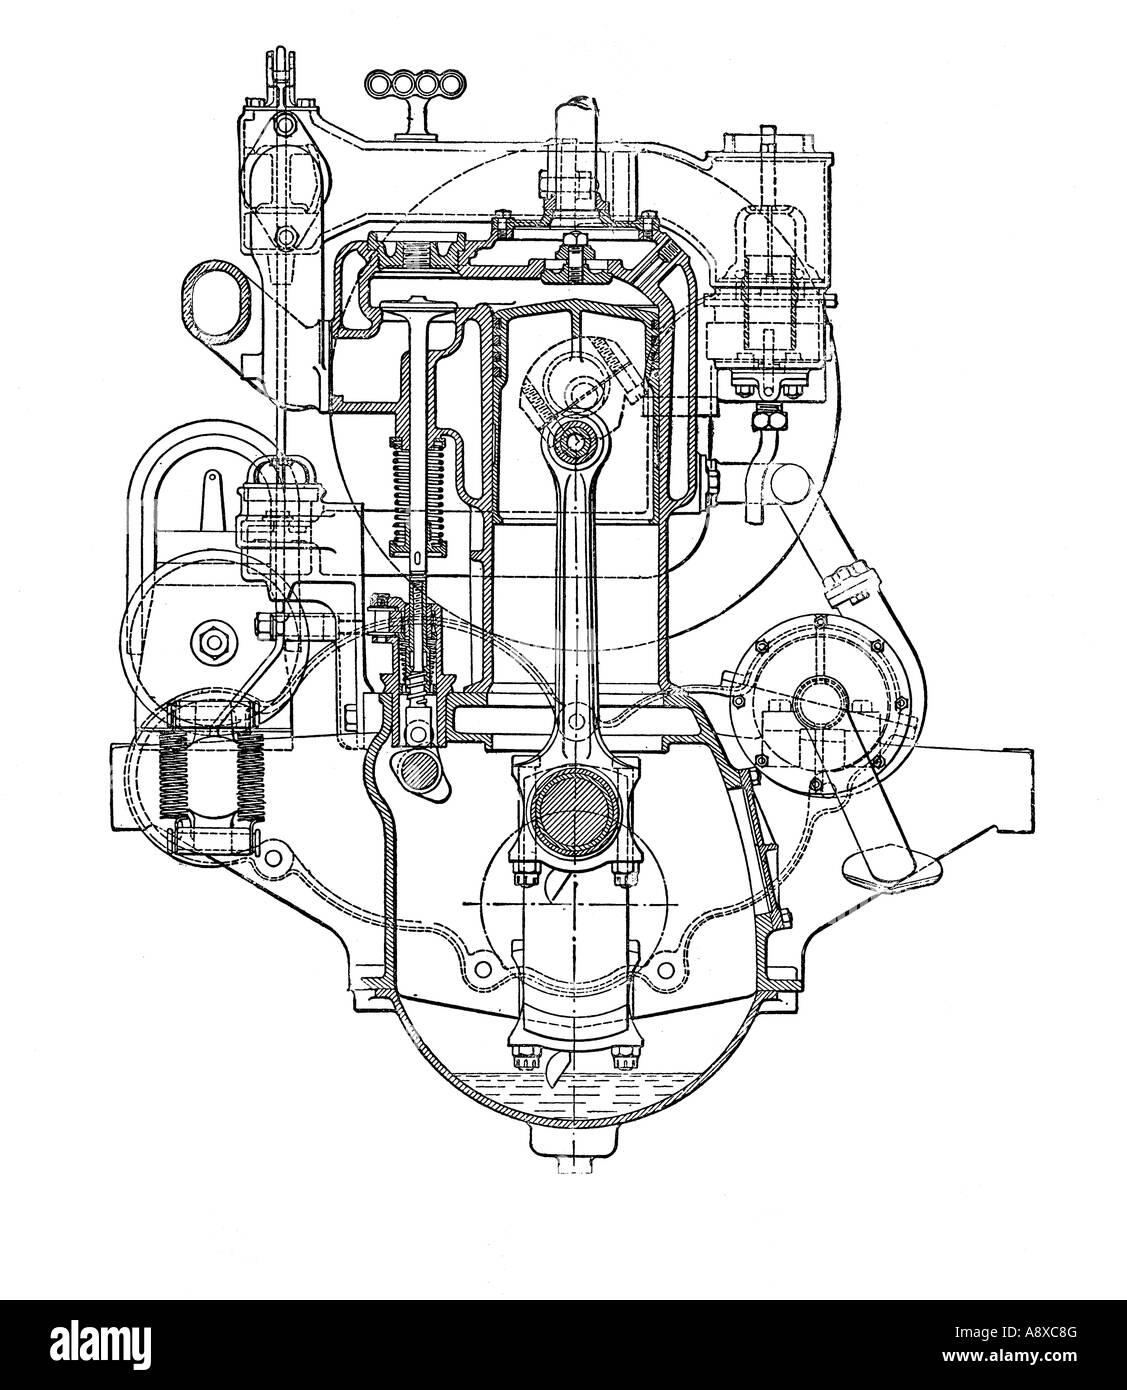 Charmant Diagramm Eines Automotors Bilder - Der Schaltplan ...